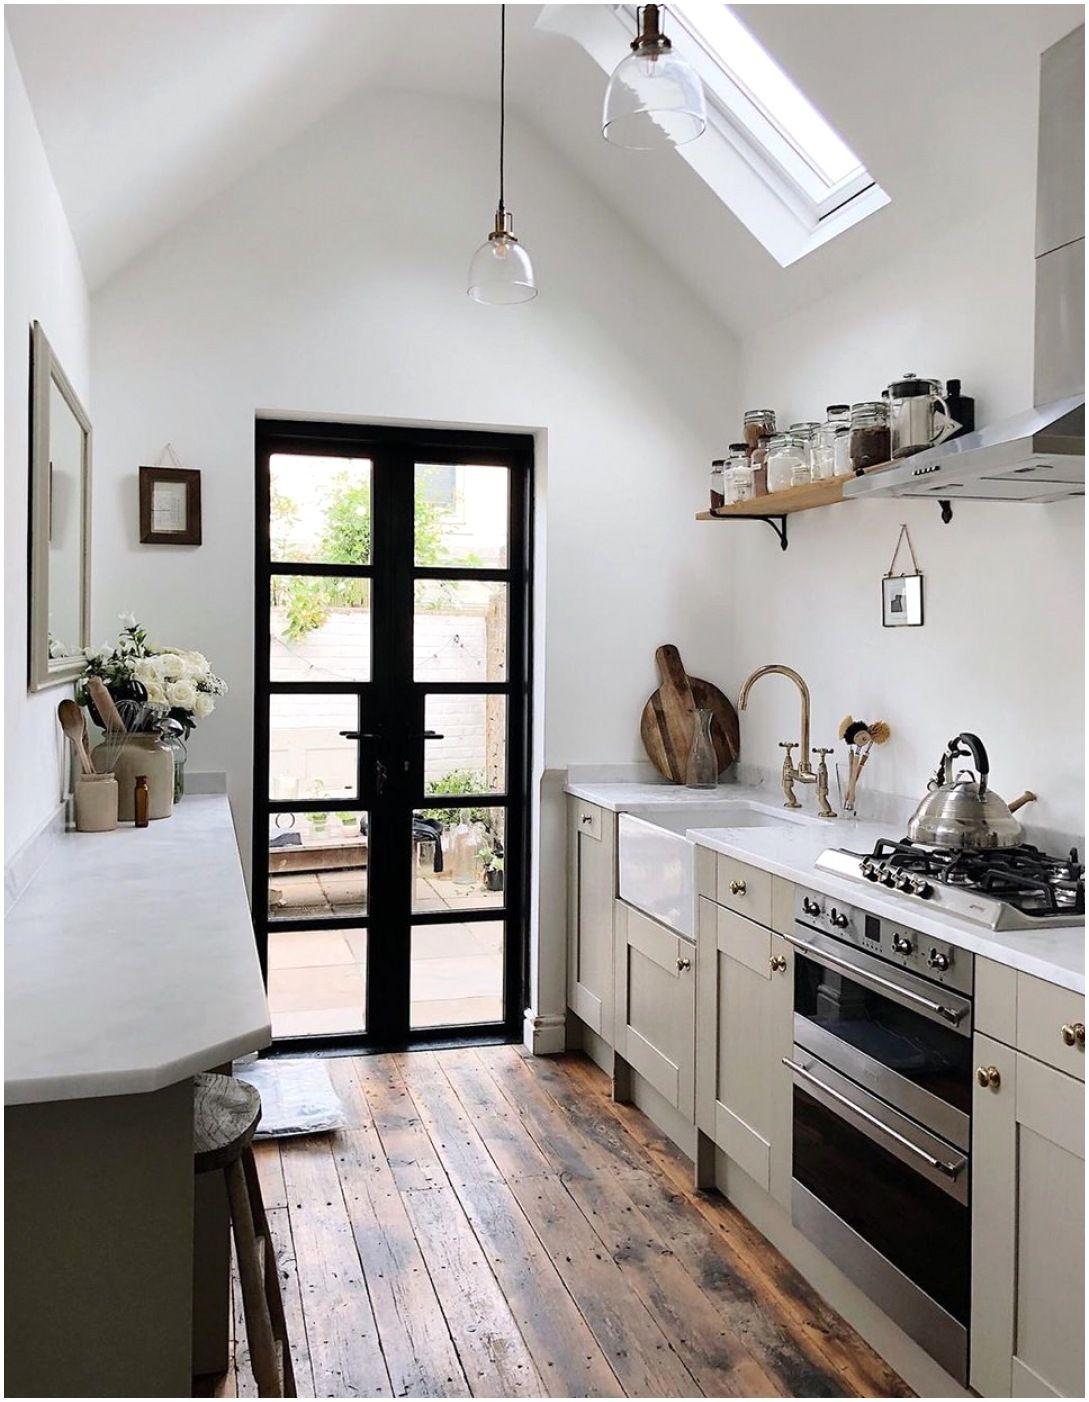 11 Beautiful Galley Kitchen Design Ideas